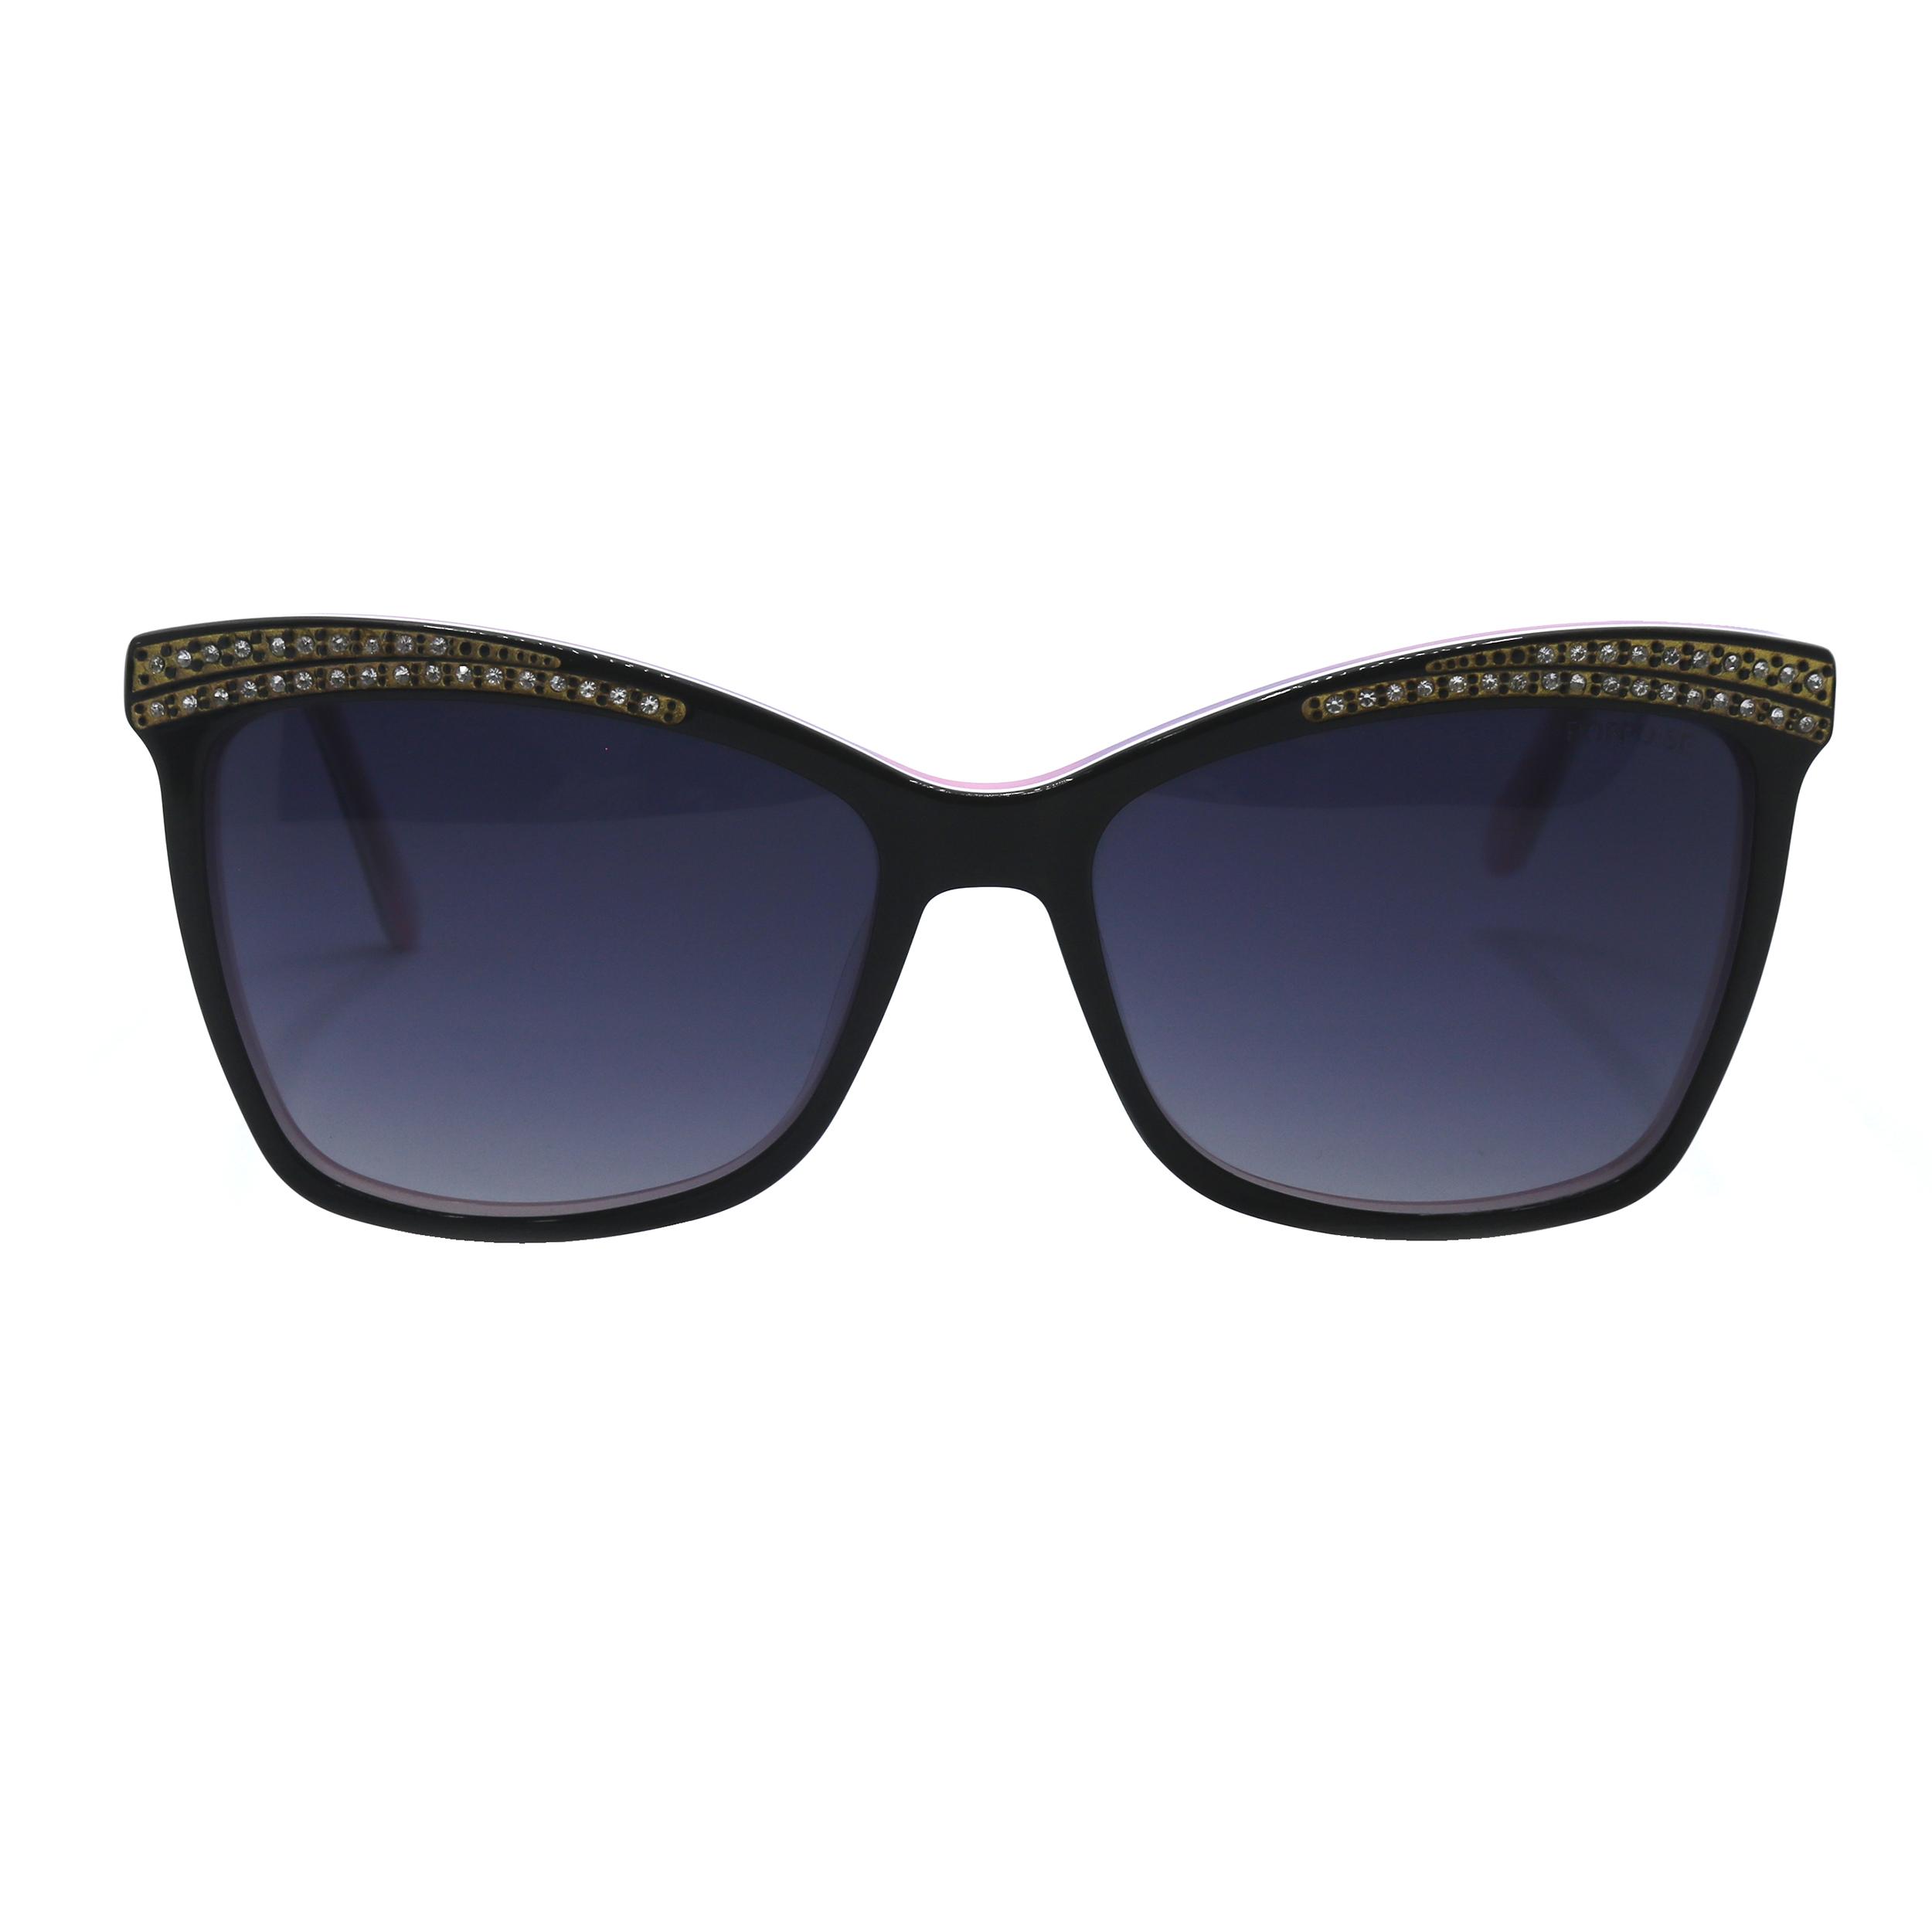 عینک آفتابی زنانه پروپویس مدل  PP-316